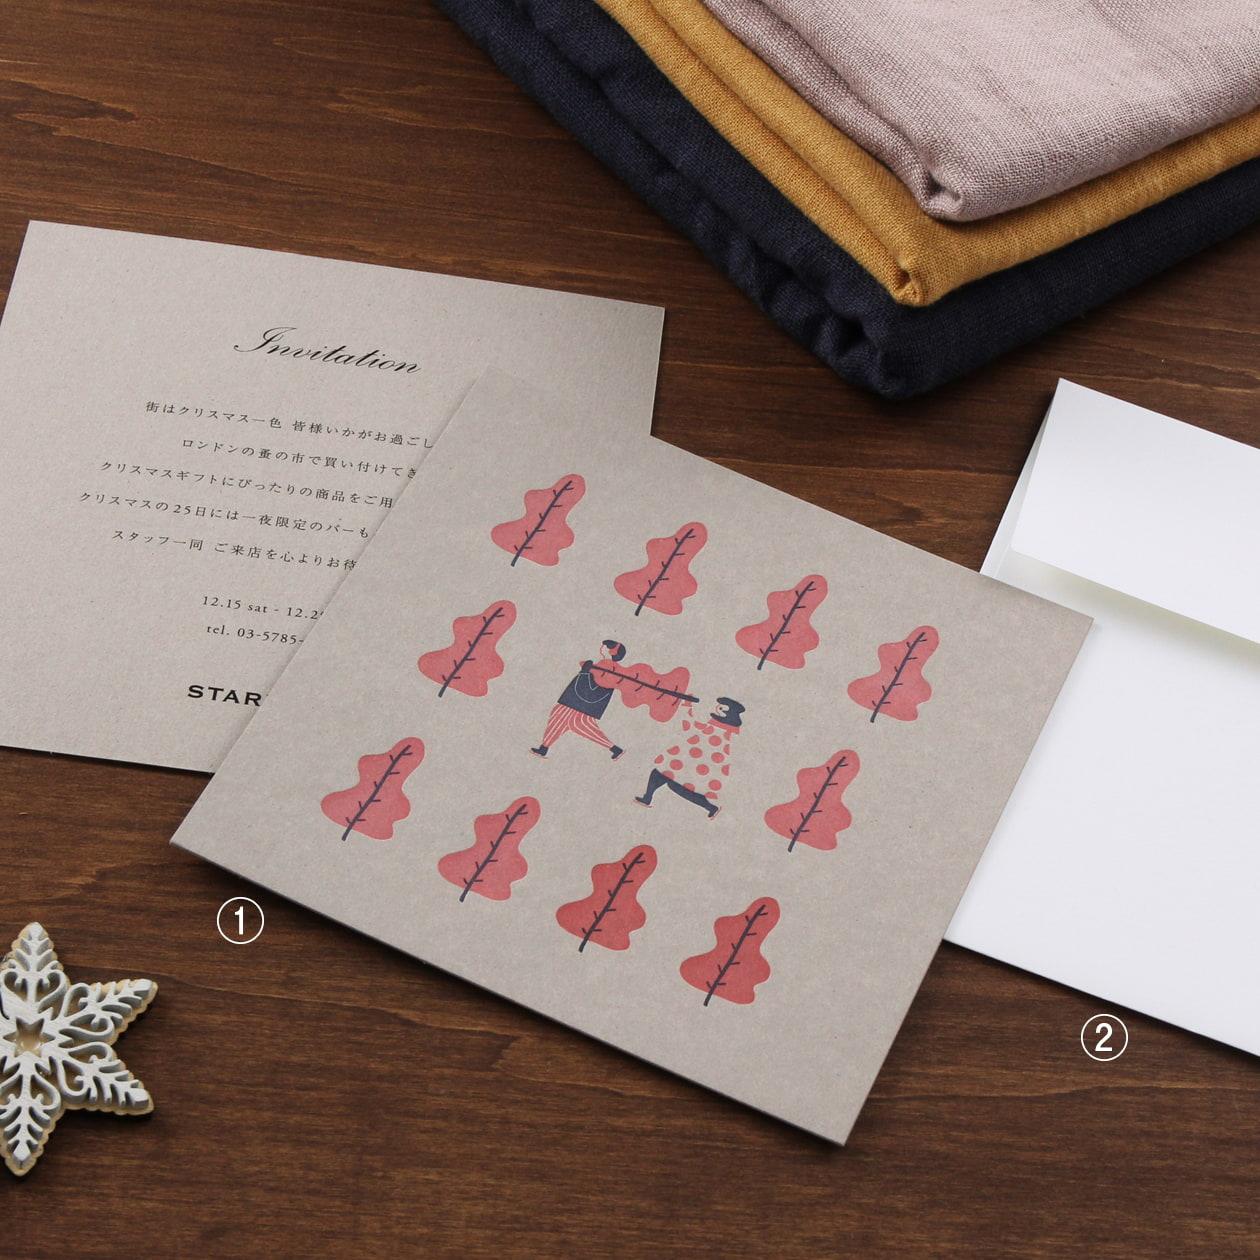 活版印刷で素朴な印象 正方形のイベント案内状